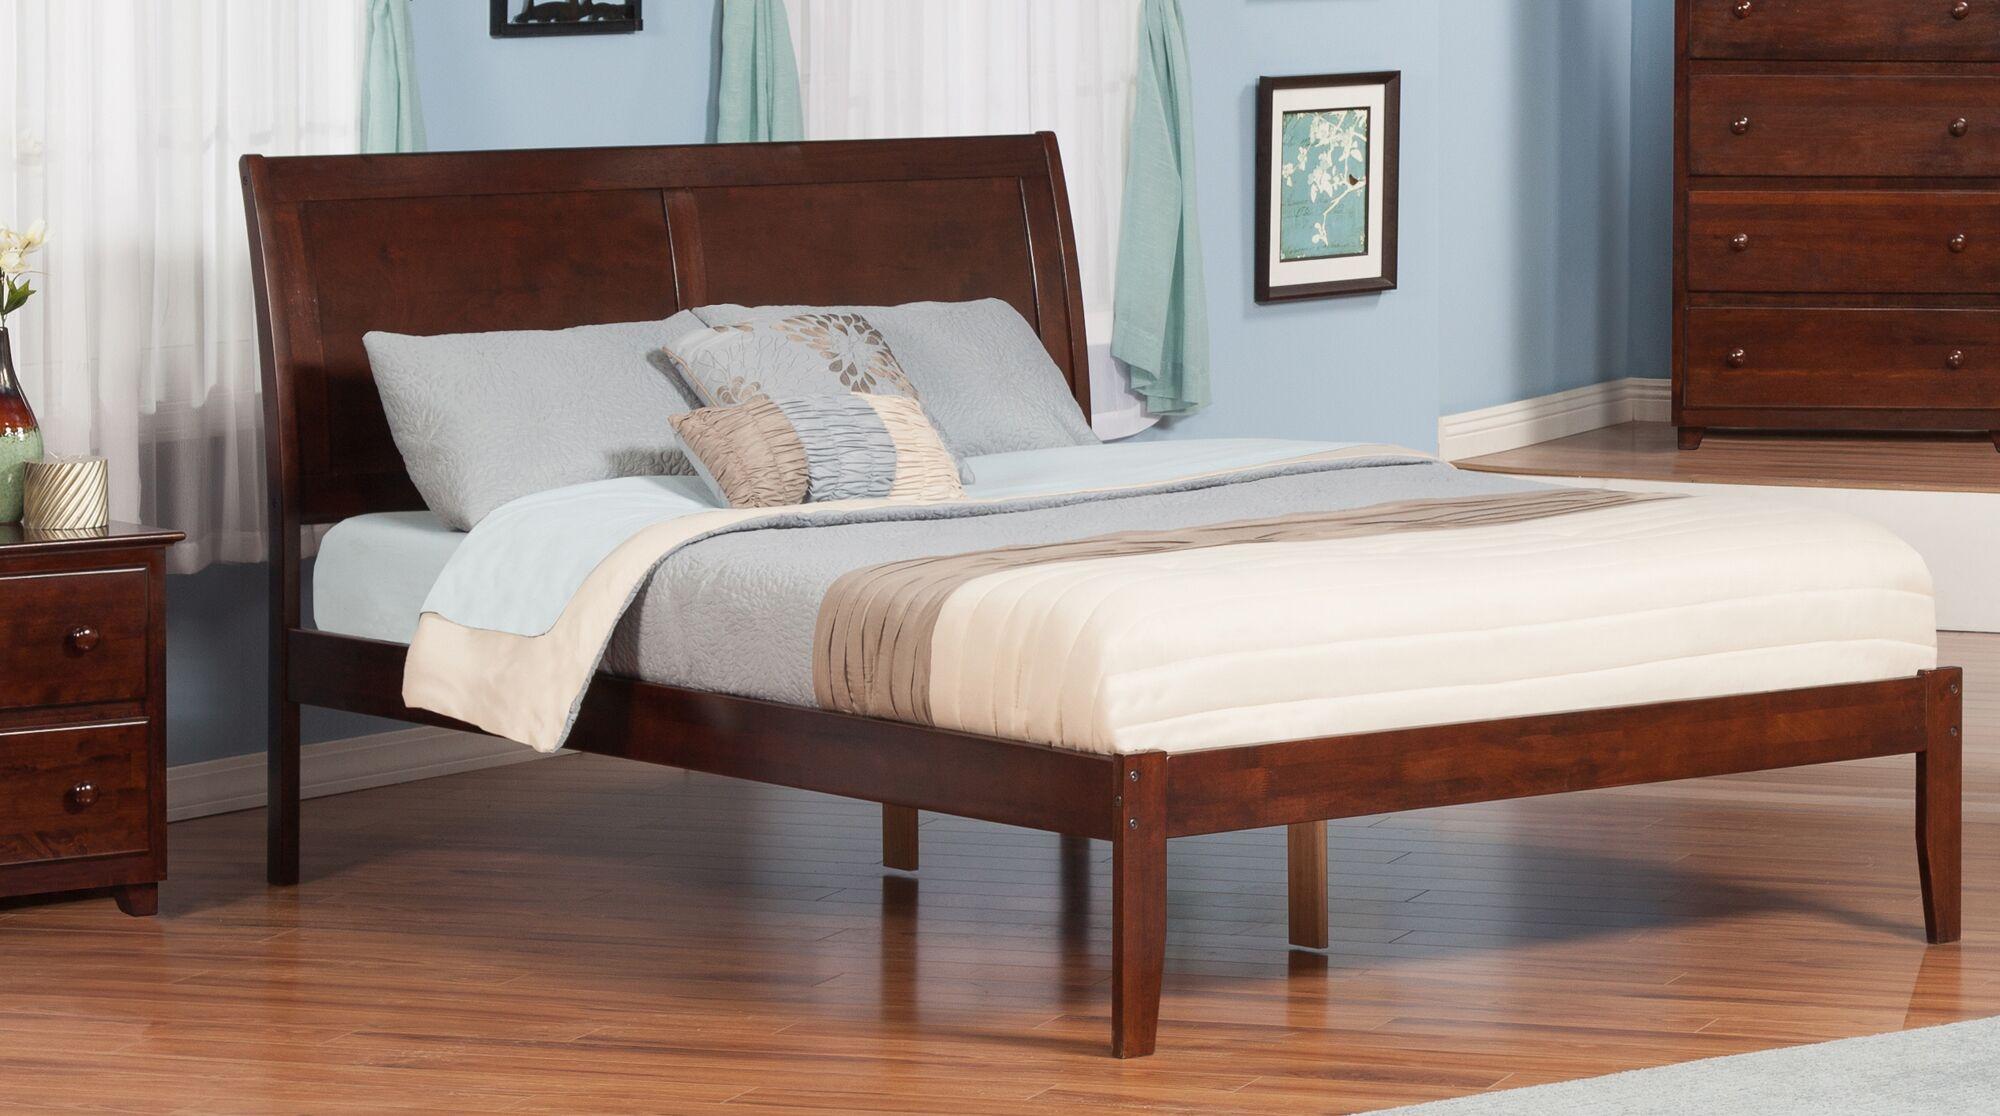 Wrington Platform Bed Size: Twin, Color: Antique Walnut